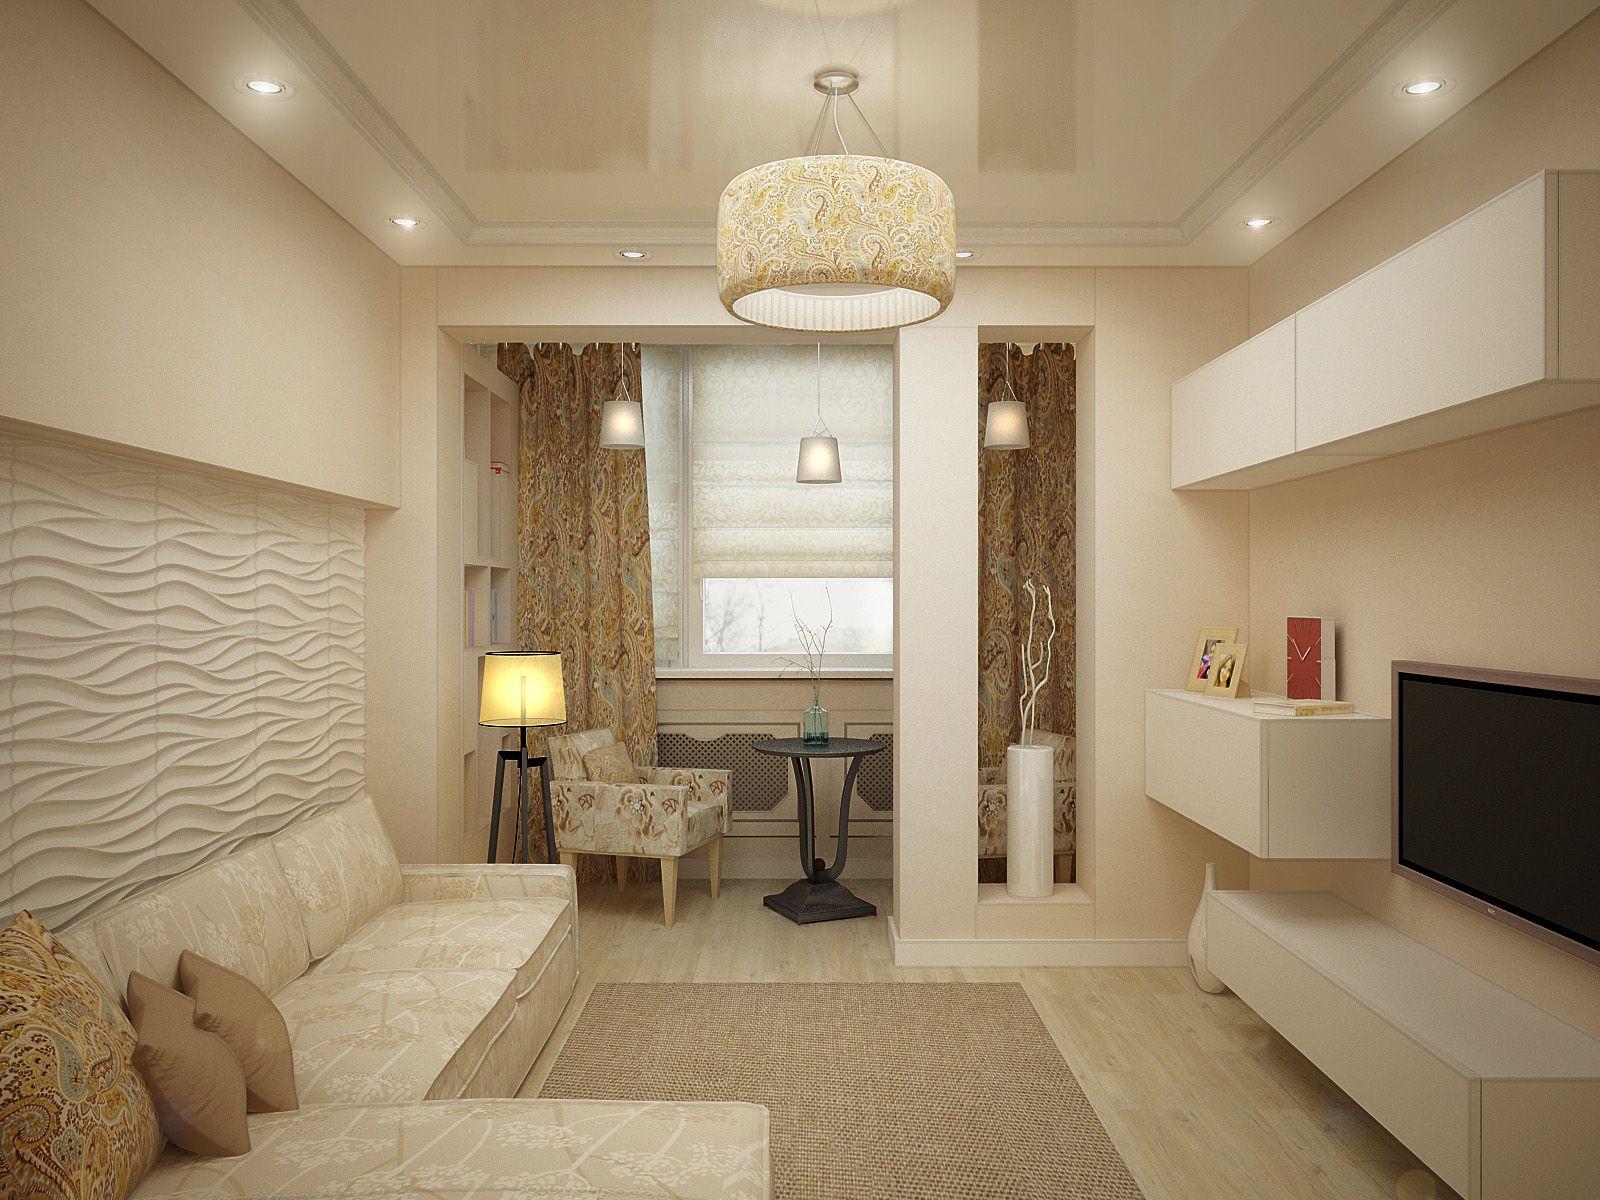 дизайн интерьера гостиной 16 кв.м фото: 21 тыс изображений ...